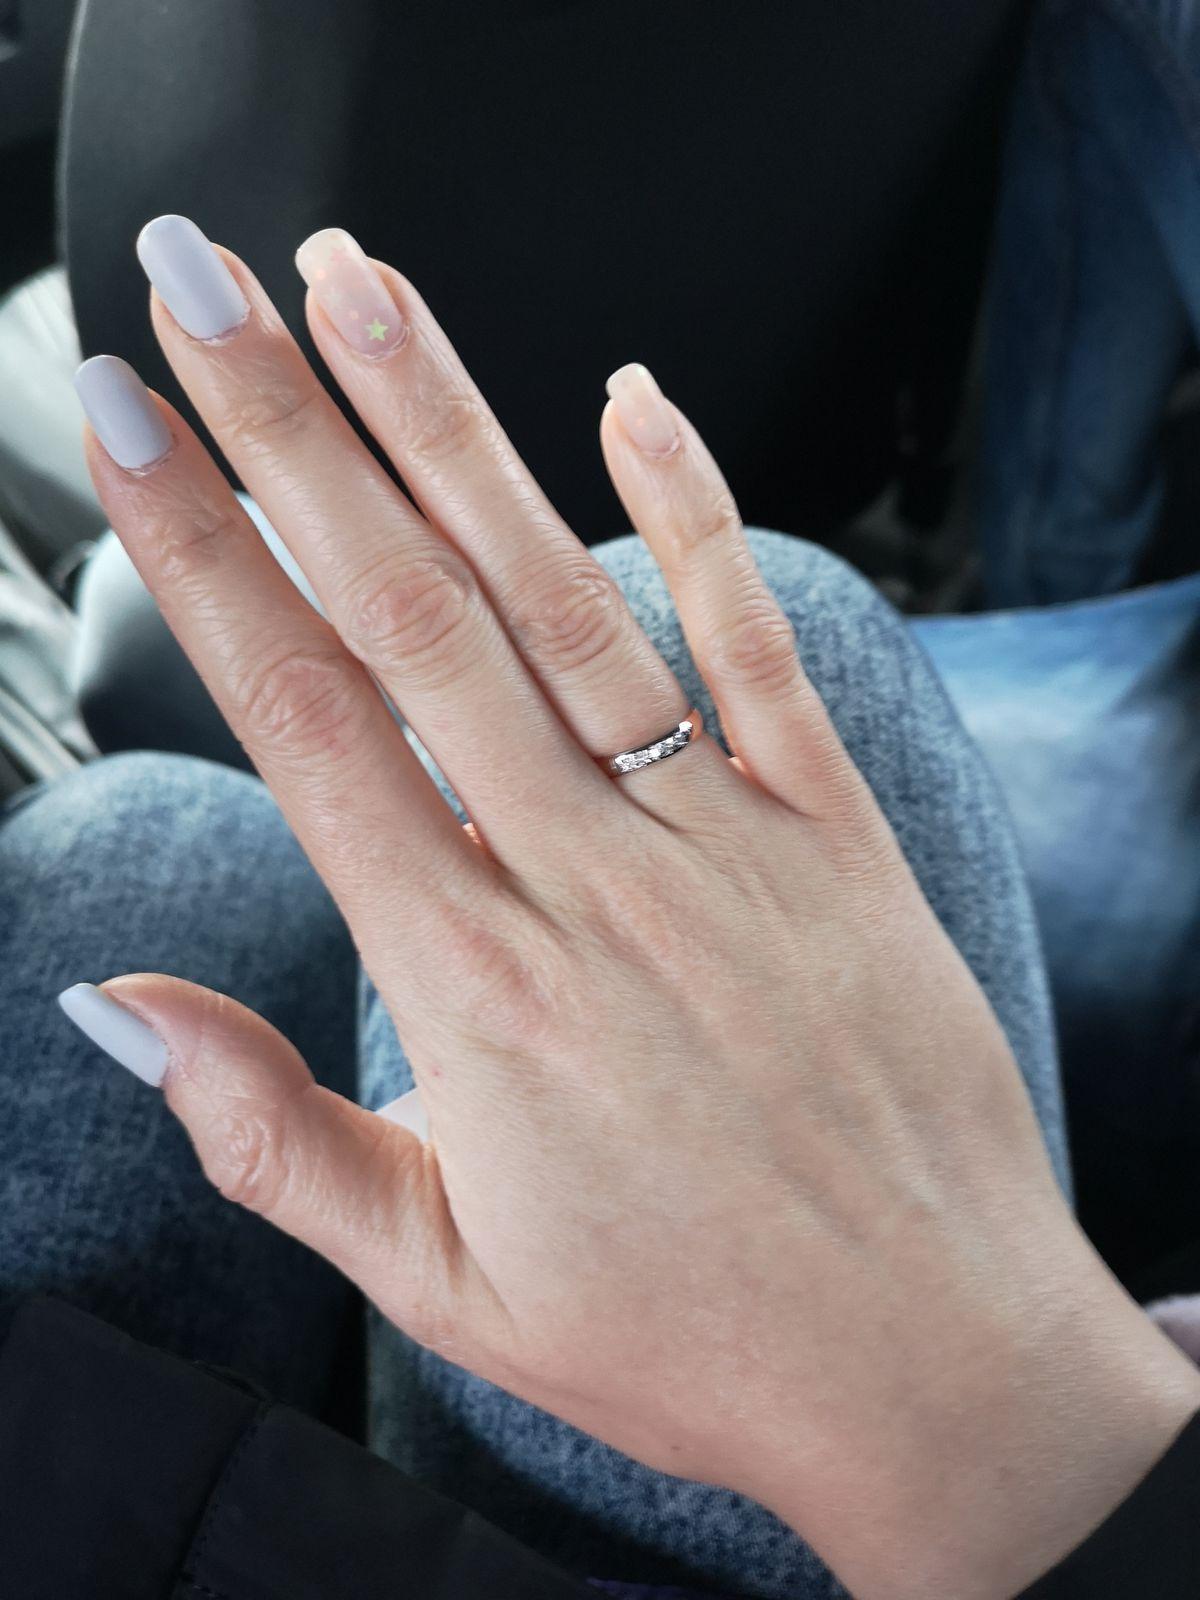 Аккуратное кольцо без лишних деталей